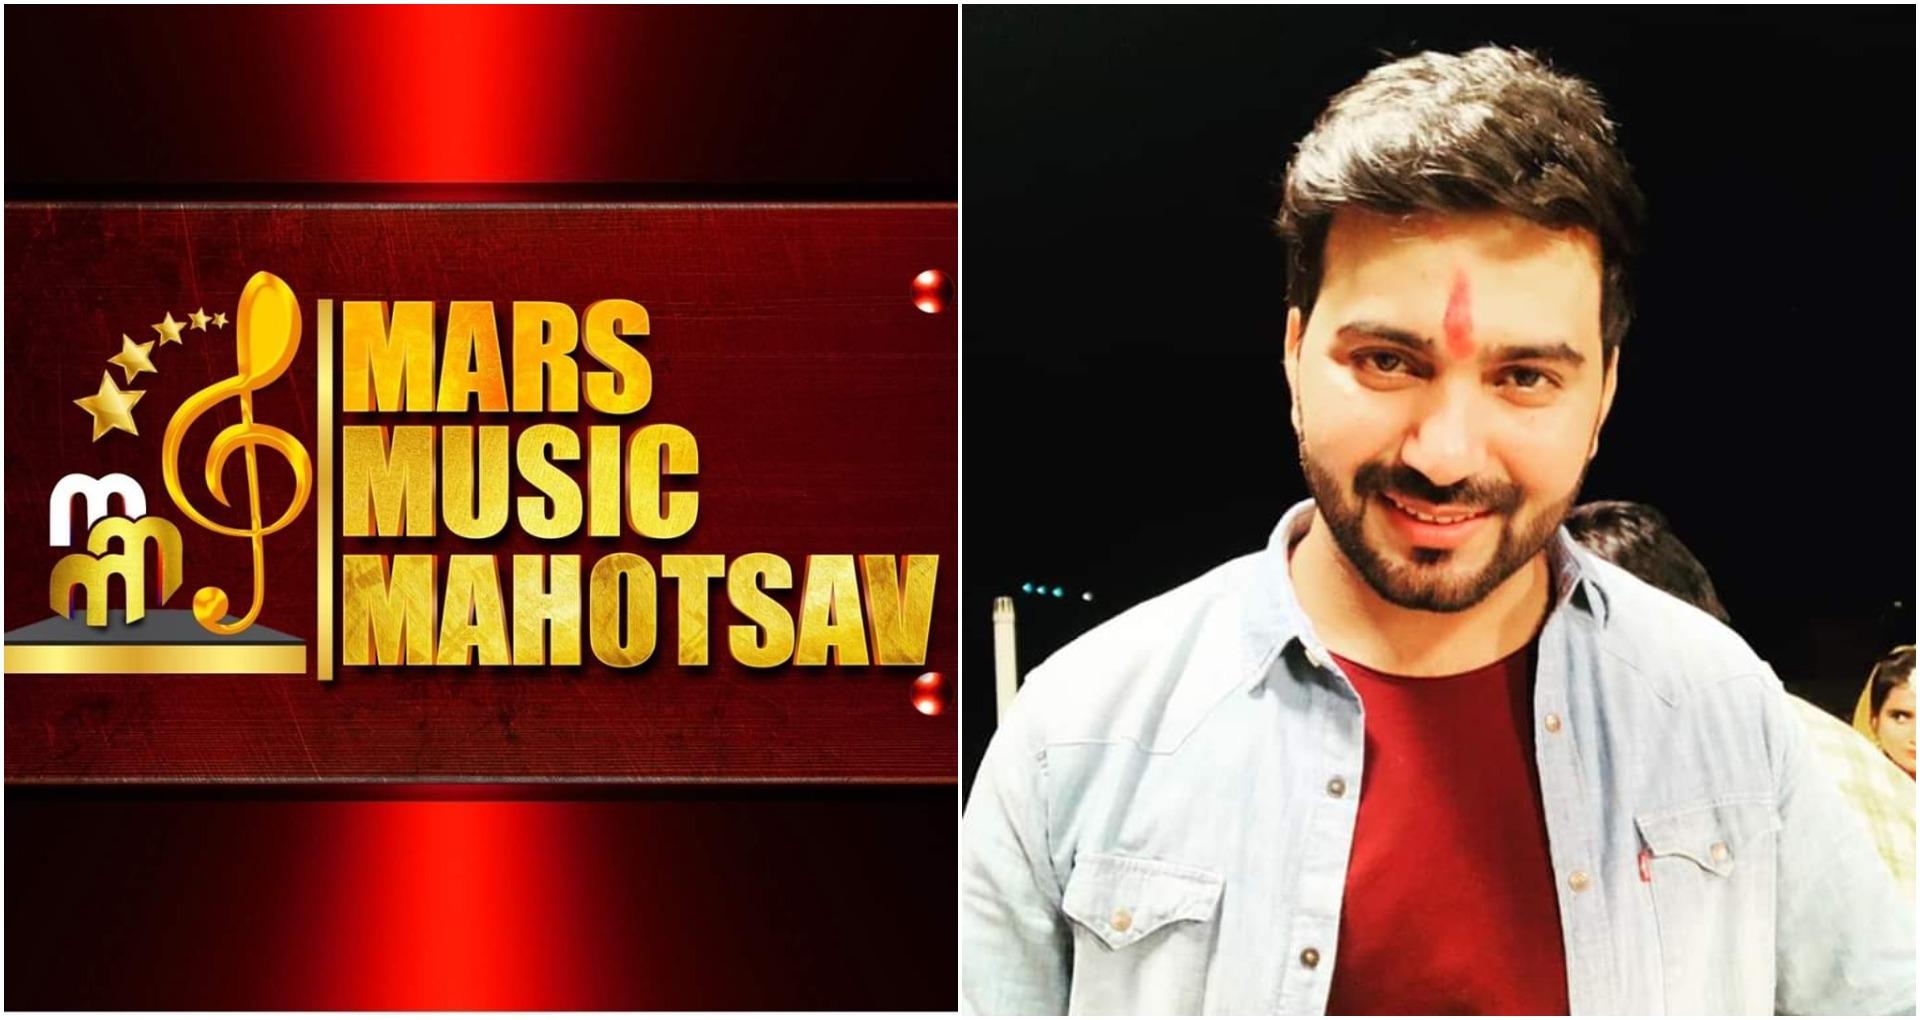 MARS MUSIC MAHOTSAV 2020: खेसारी यादव सहित भोजपुरी के ये सितारें होंगे शामिल, आयोजक विक्की यादव का इंटरव्यू